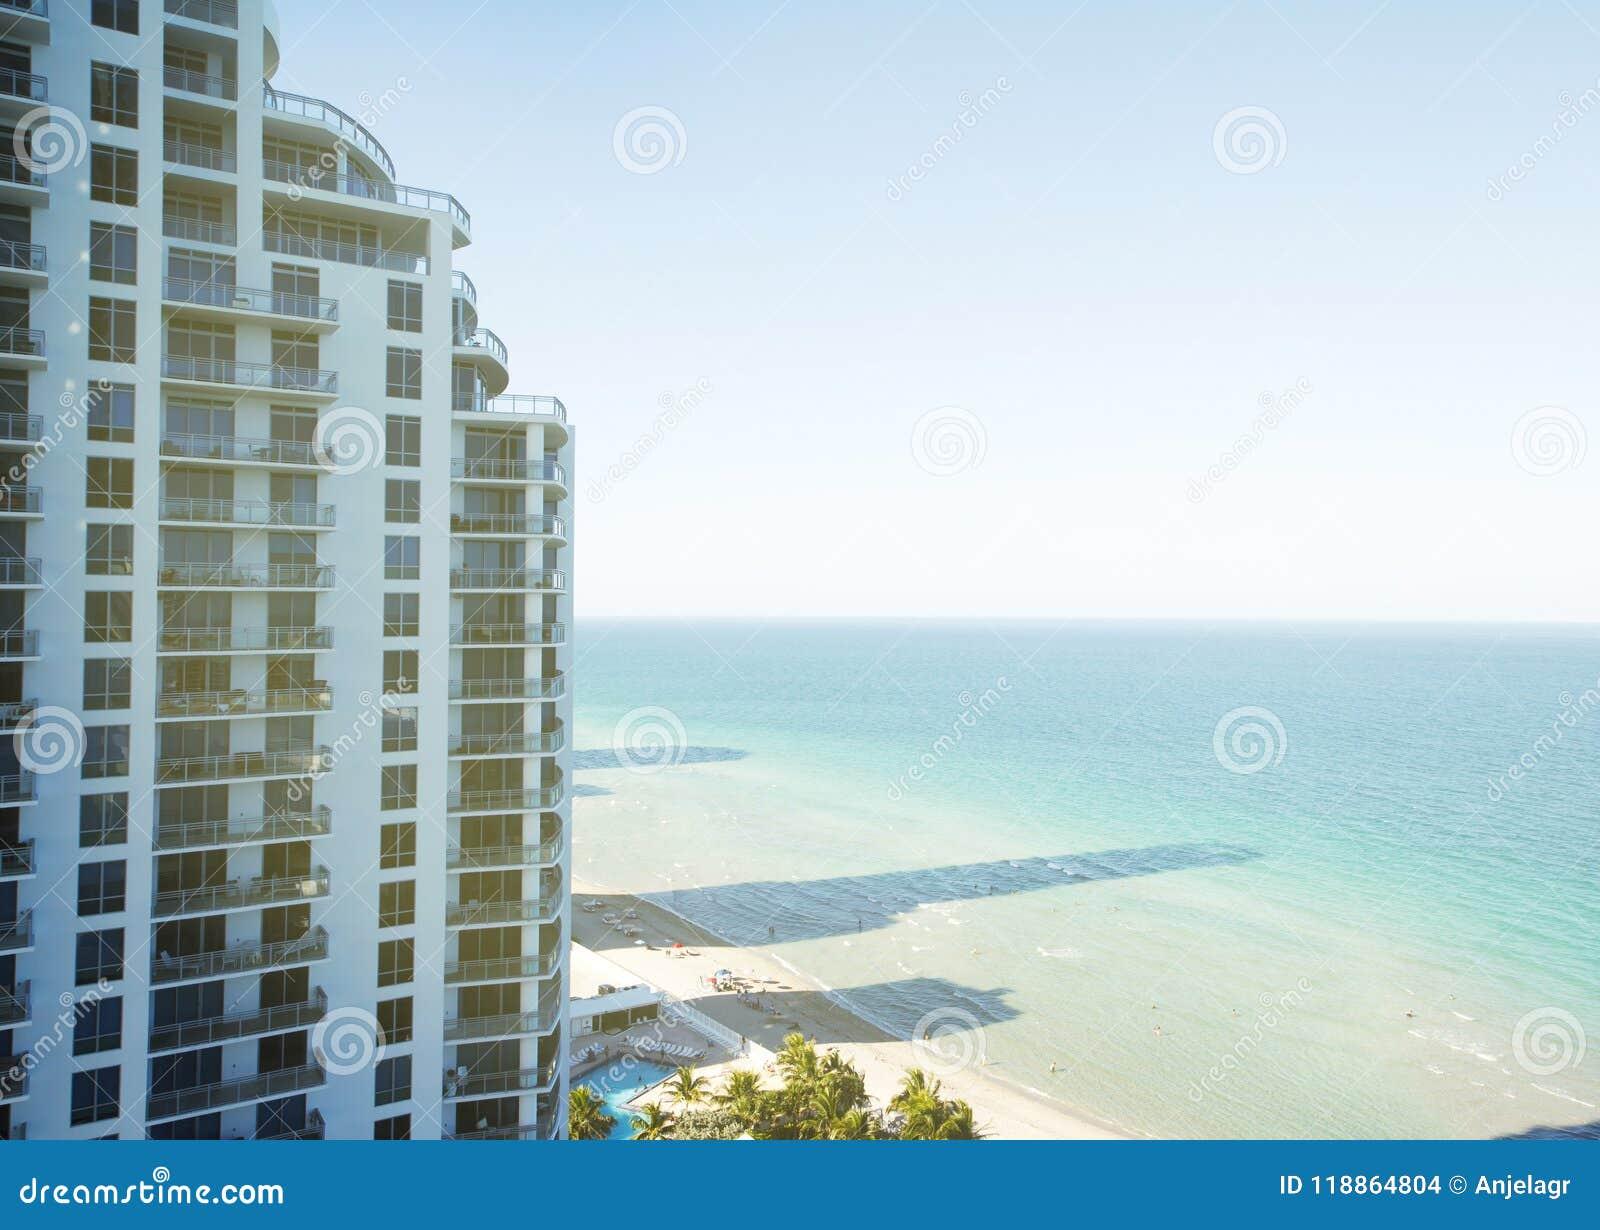 Mieszkanie własnościowe budynek w Miami plaży, Floryda